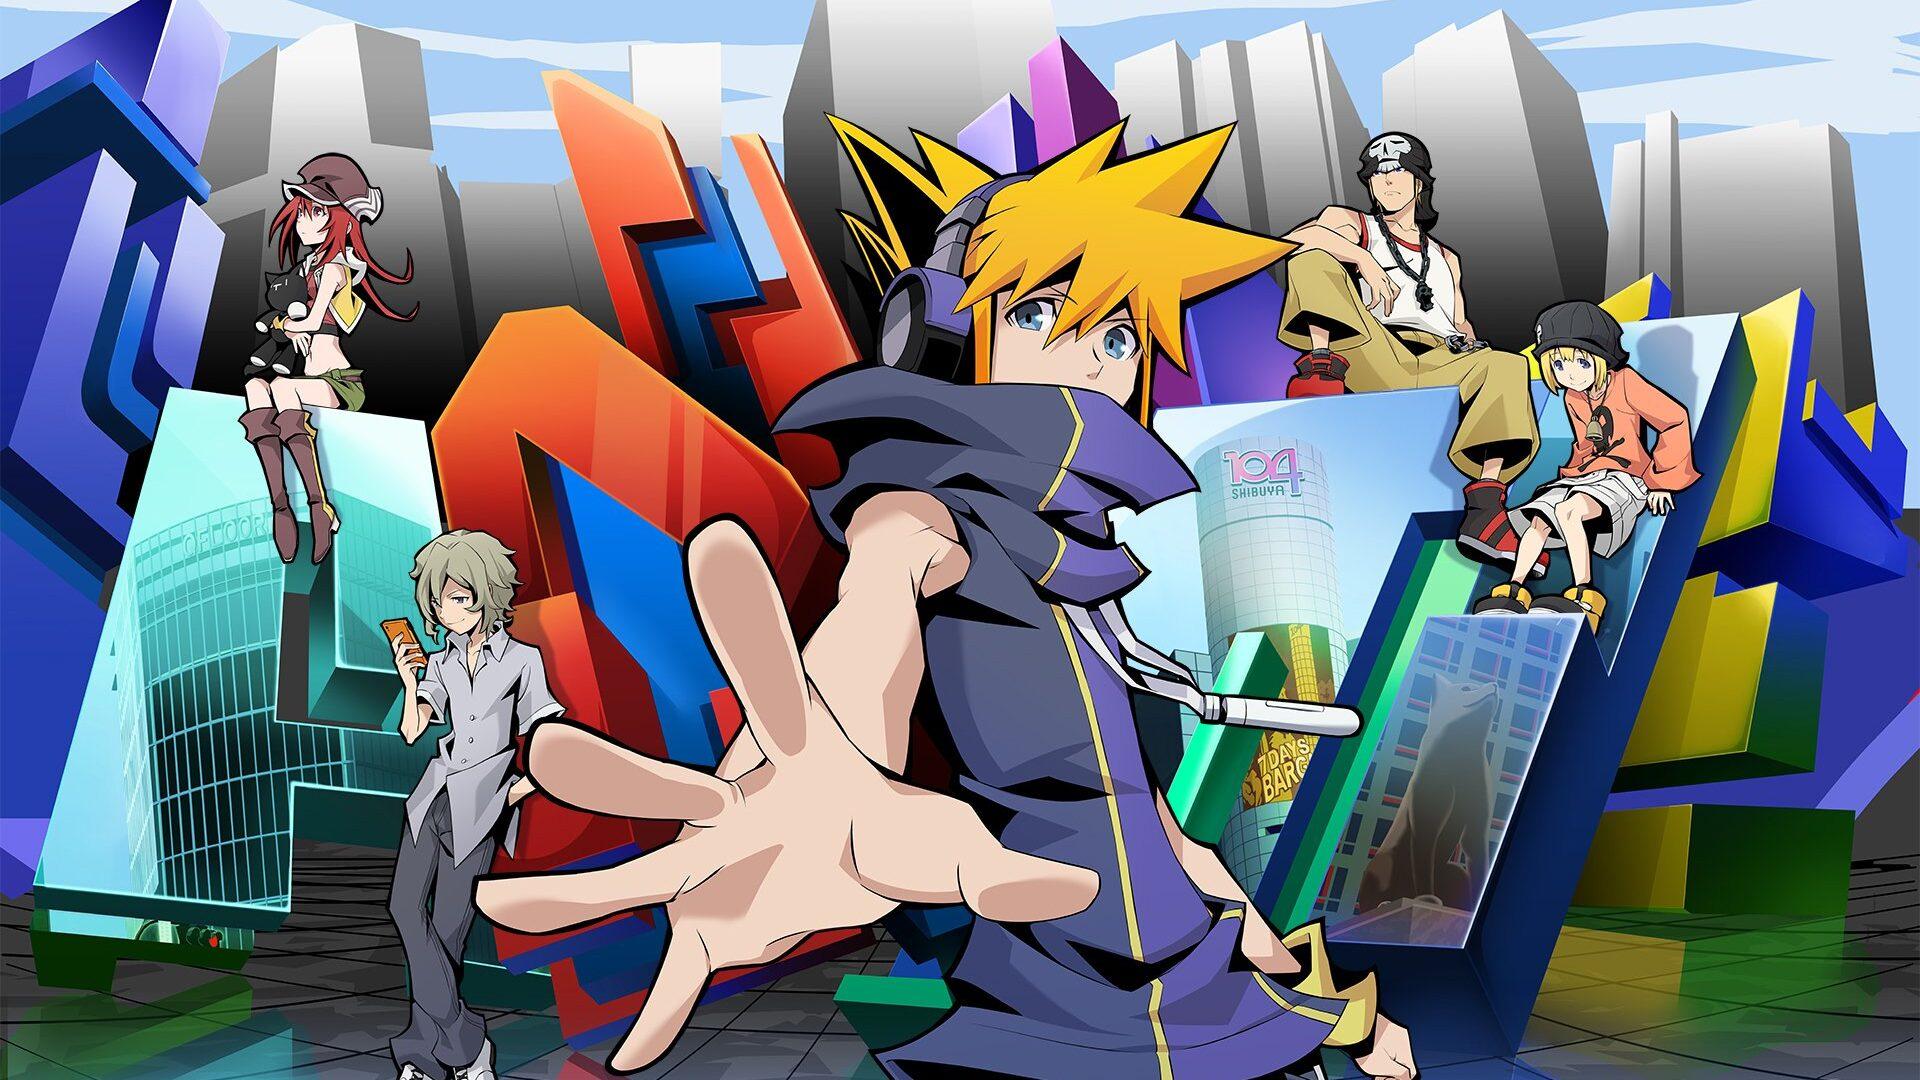 TWEWY anime